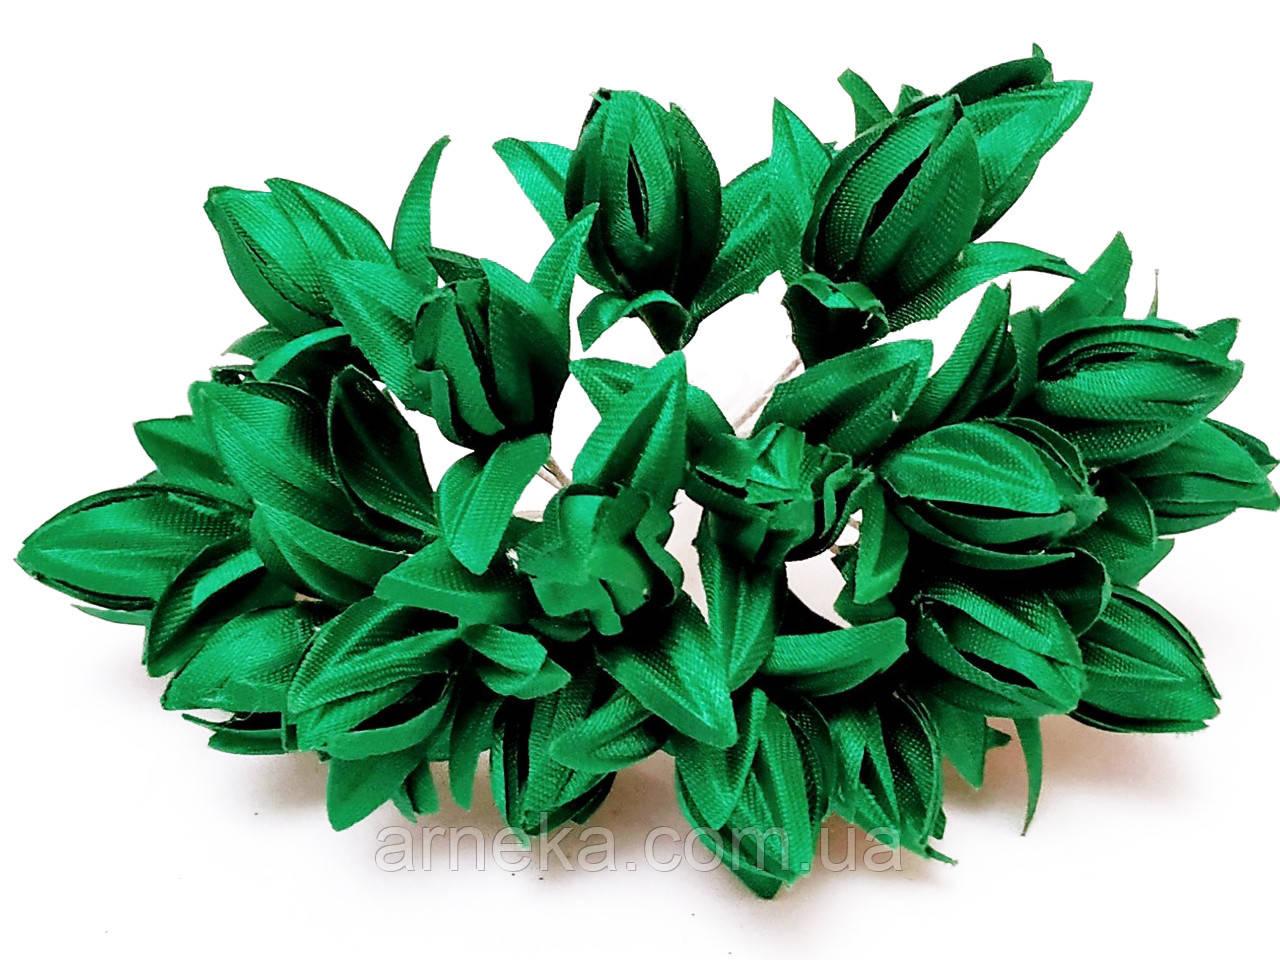 Подснежники зеленые